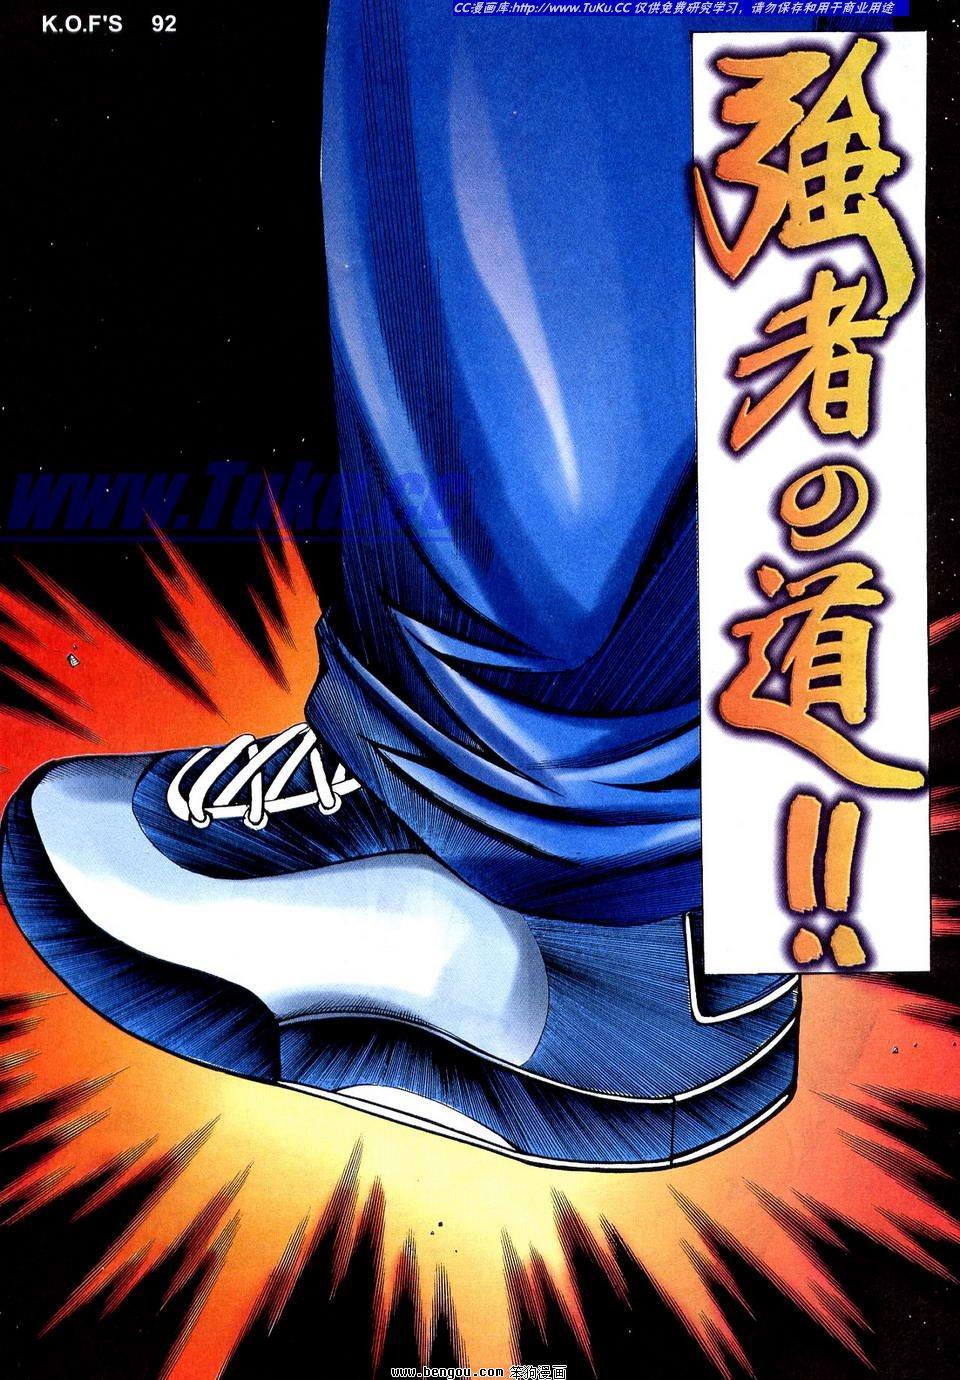 拳皇/拳皇98第一卷(91)